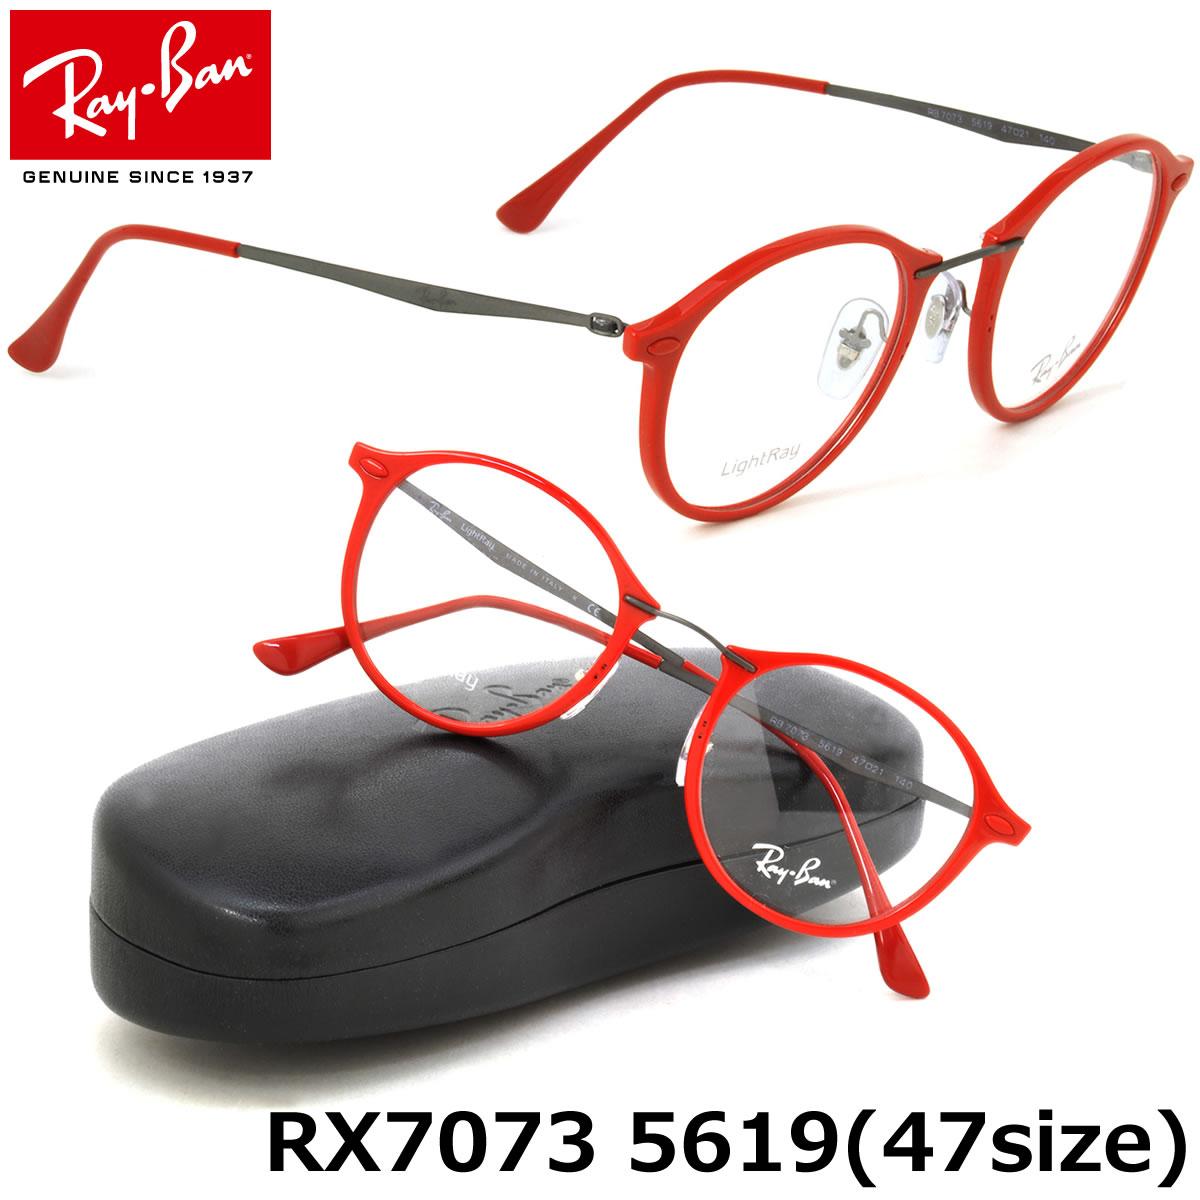 【10月30日からエントリーで全品ポイント20倍】レイバン テック ライトレイ メガネ フレーム Ray-Ban RX7073 5619 47サイズ ラウンド 丸メガネ フレーム ROUND レイバン RAYBAN TECH ROUND LIGHT RAY メンズ レディース